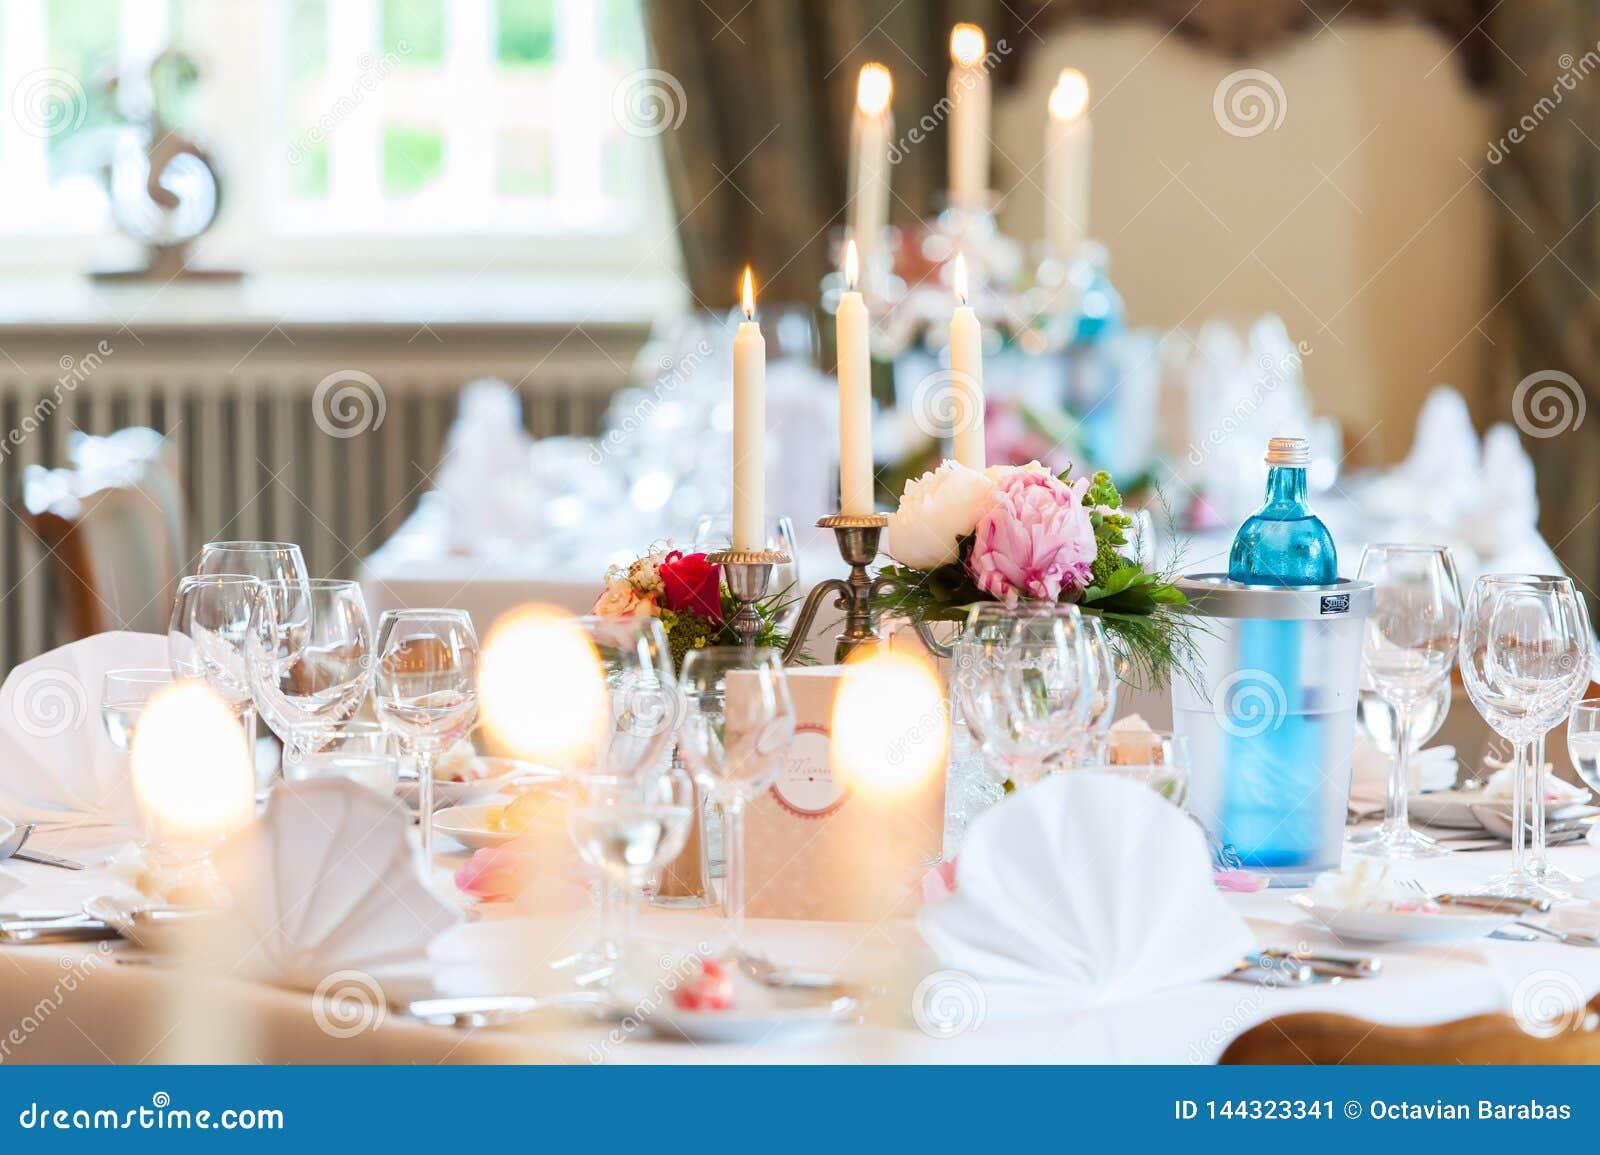 Bougie Décoration De Table Épouser la décoration de table avec des bougies et des